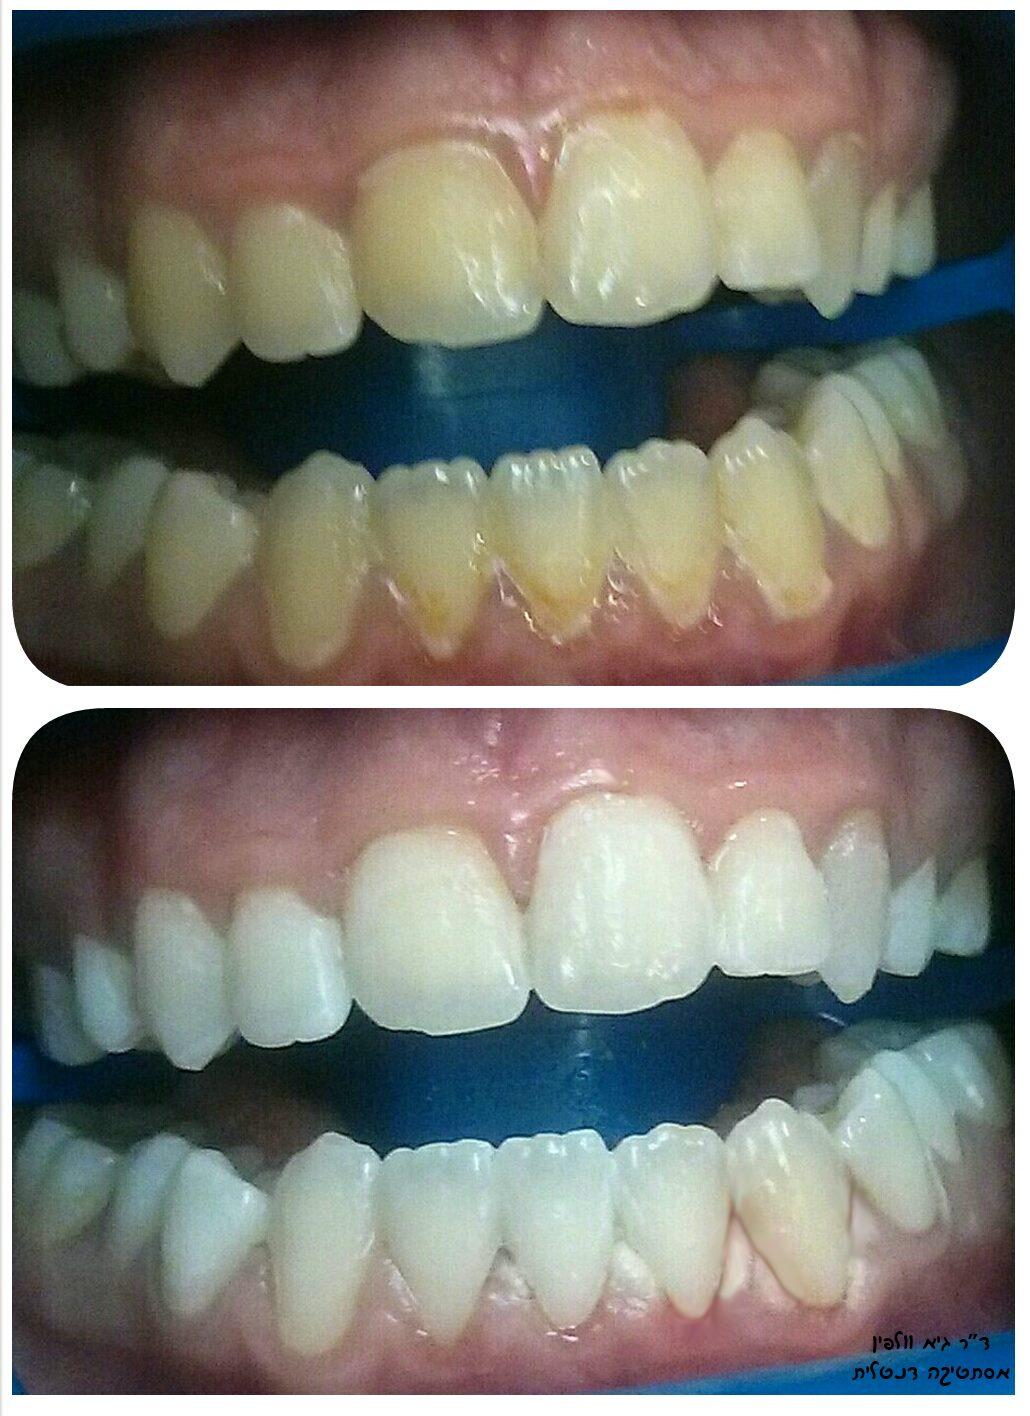 """אסתטיקה דנטלית, אסתטיקה ברפואת שיניים, חיוך לבן ויפה, הלבנת שיניים, ד""""ר גיא וולפין"""